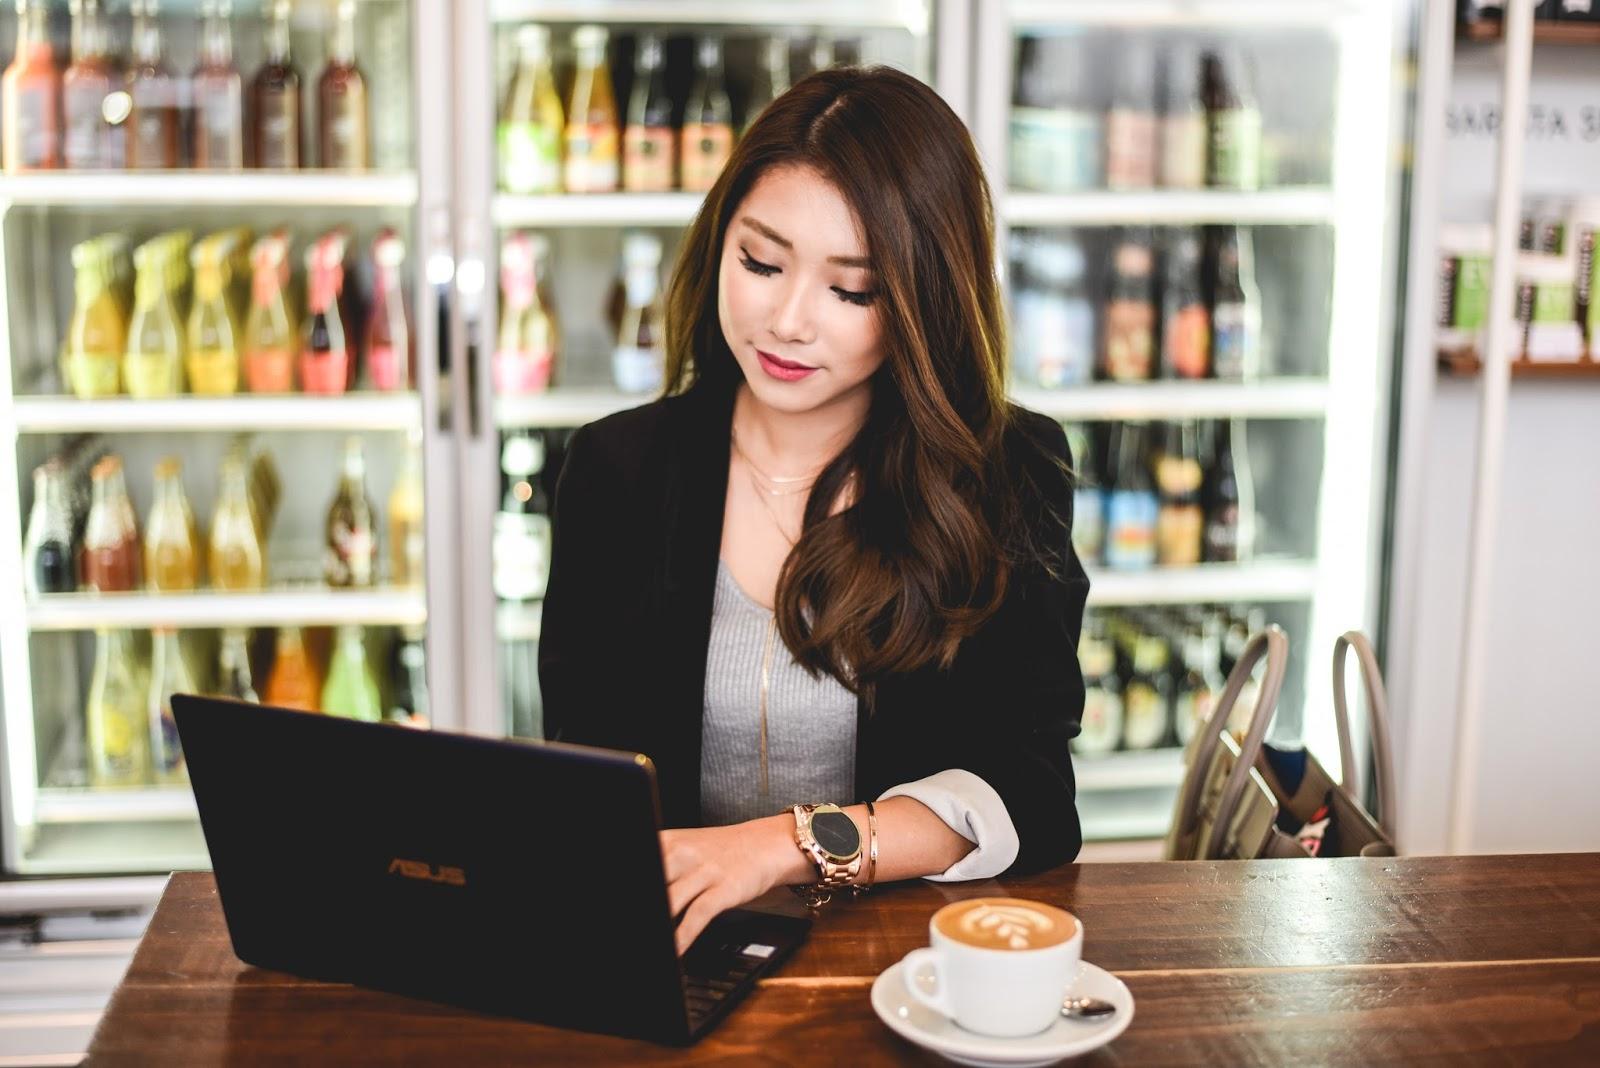 Asus zenbook 3 UX390UA, Review, navy, gold, laptop, slimmest laptop